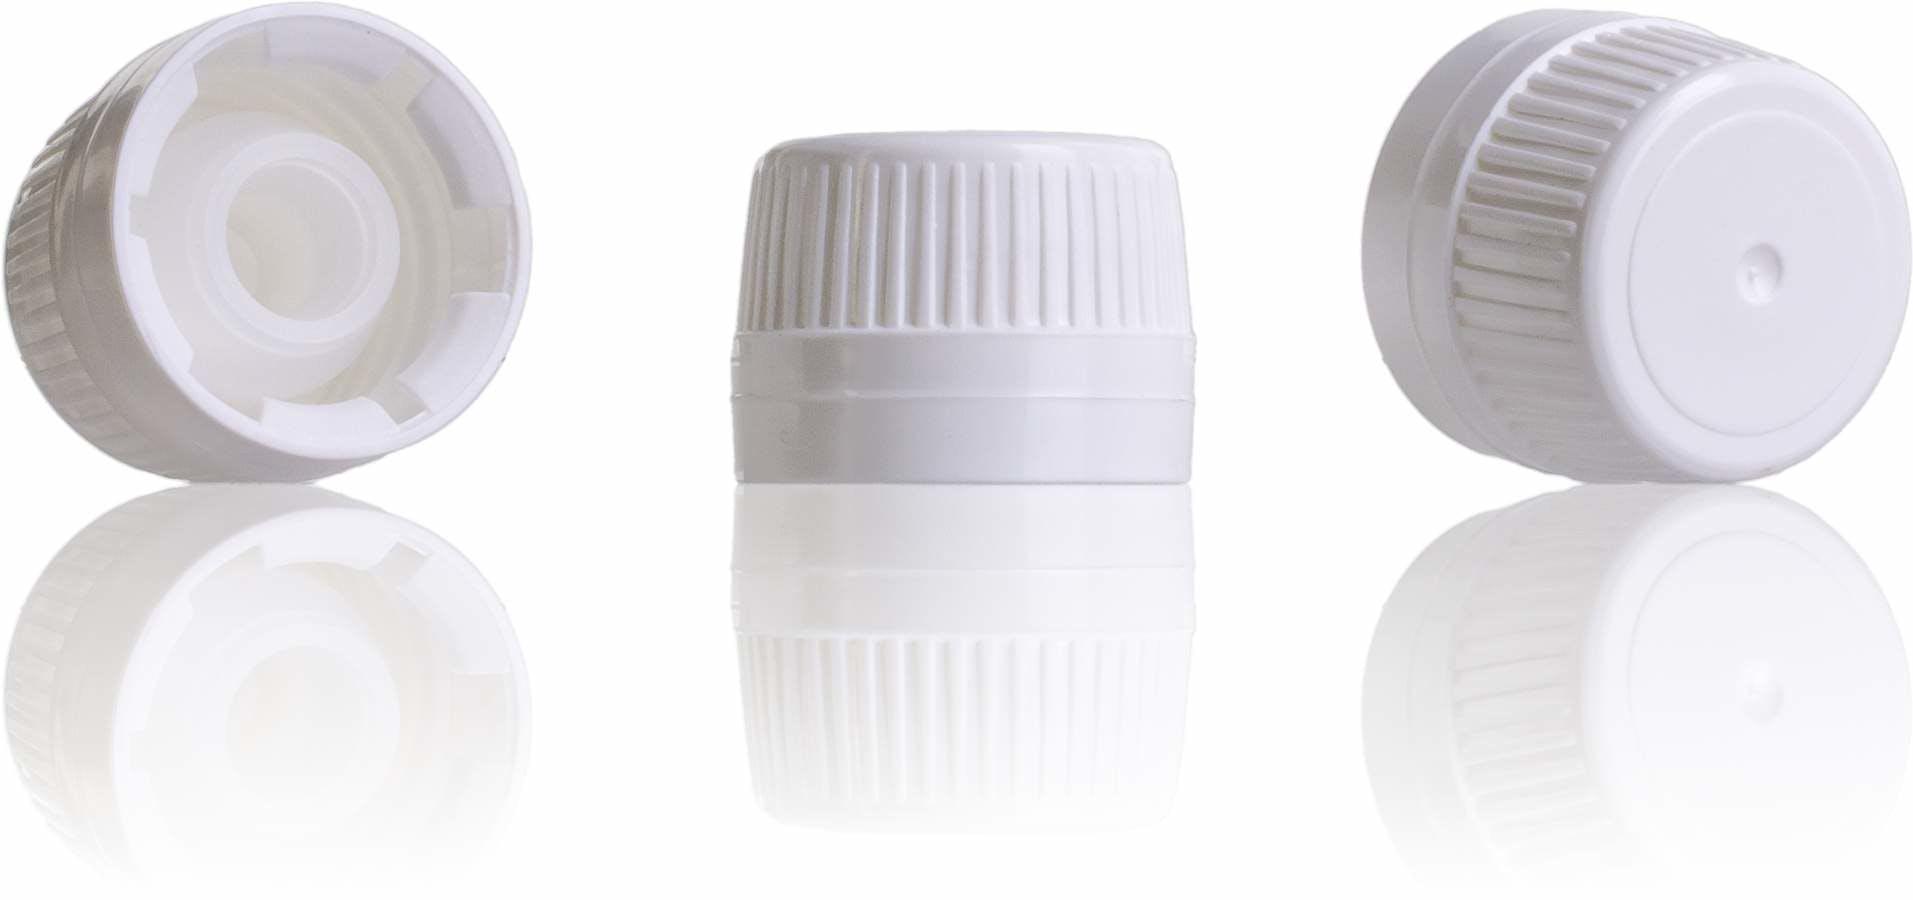 Tapon gotero ancho blanco PP28-sistemas-de-cierre-tapones